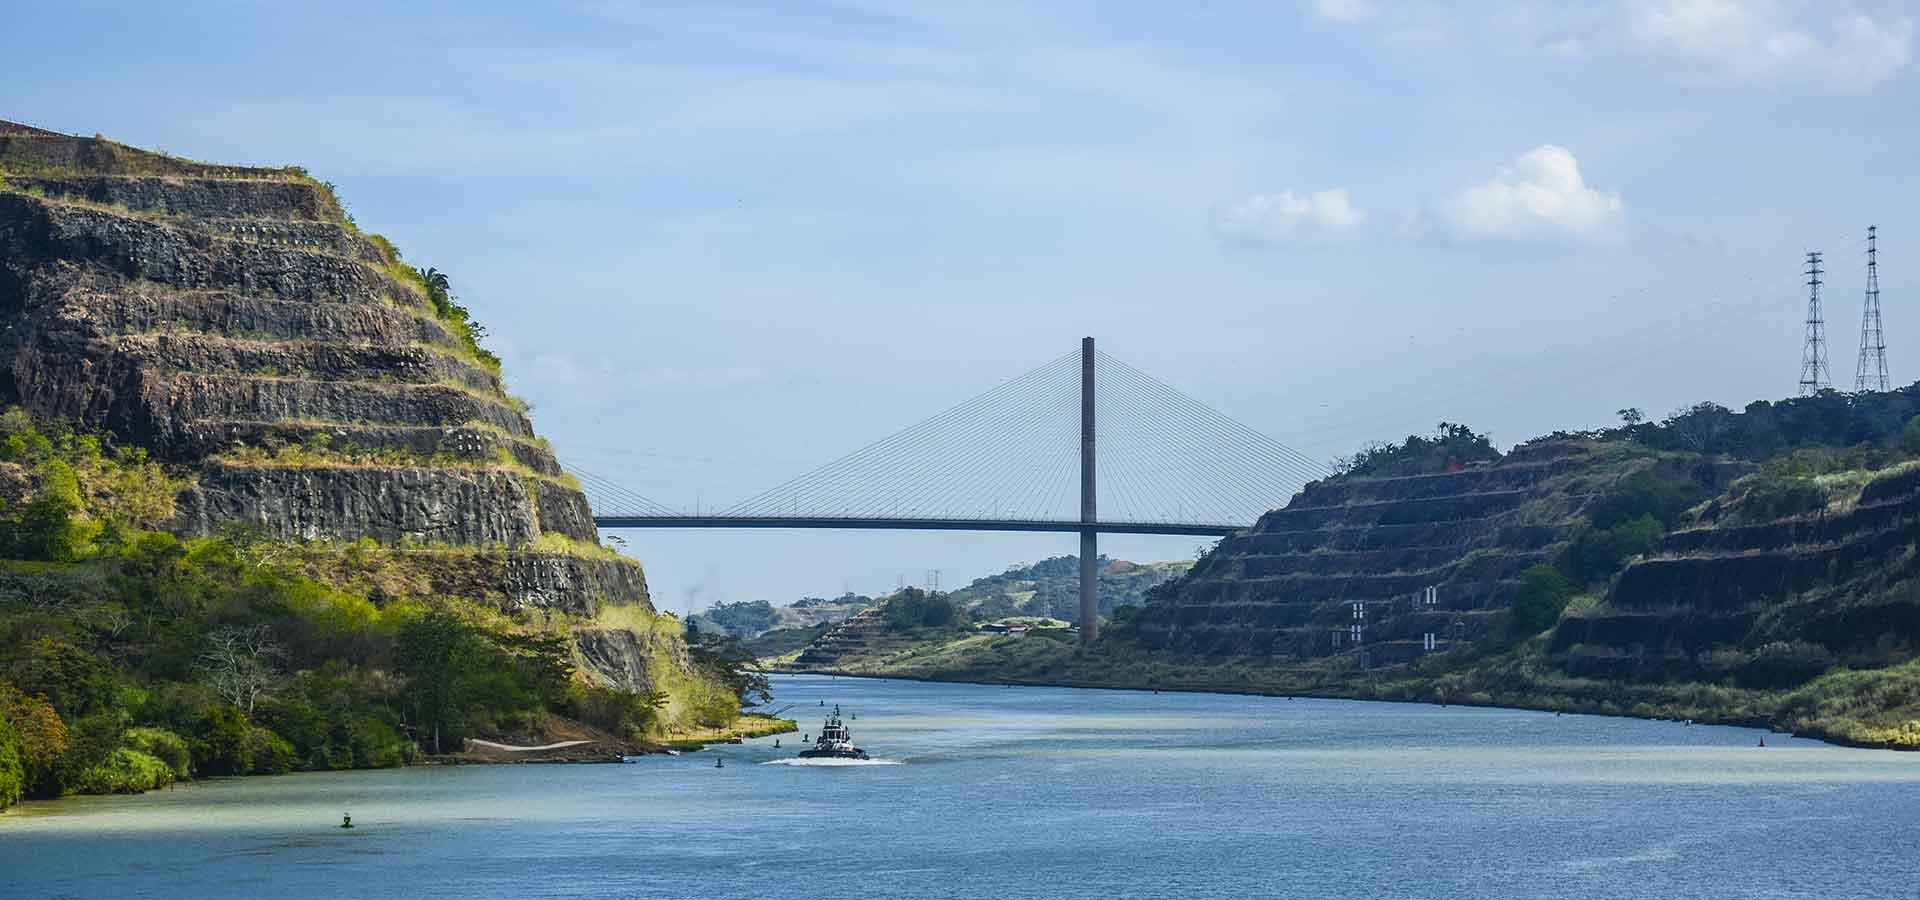 Le canal de Panama : prouesse technologique du 20e siècle